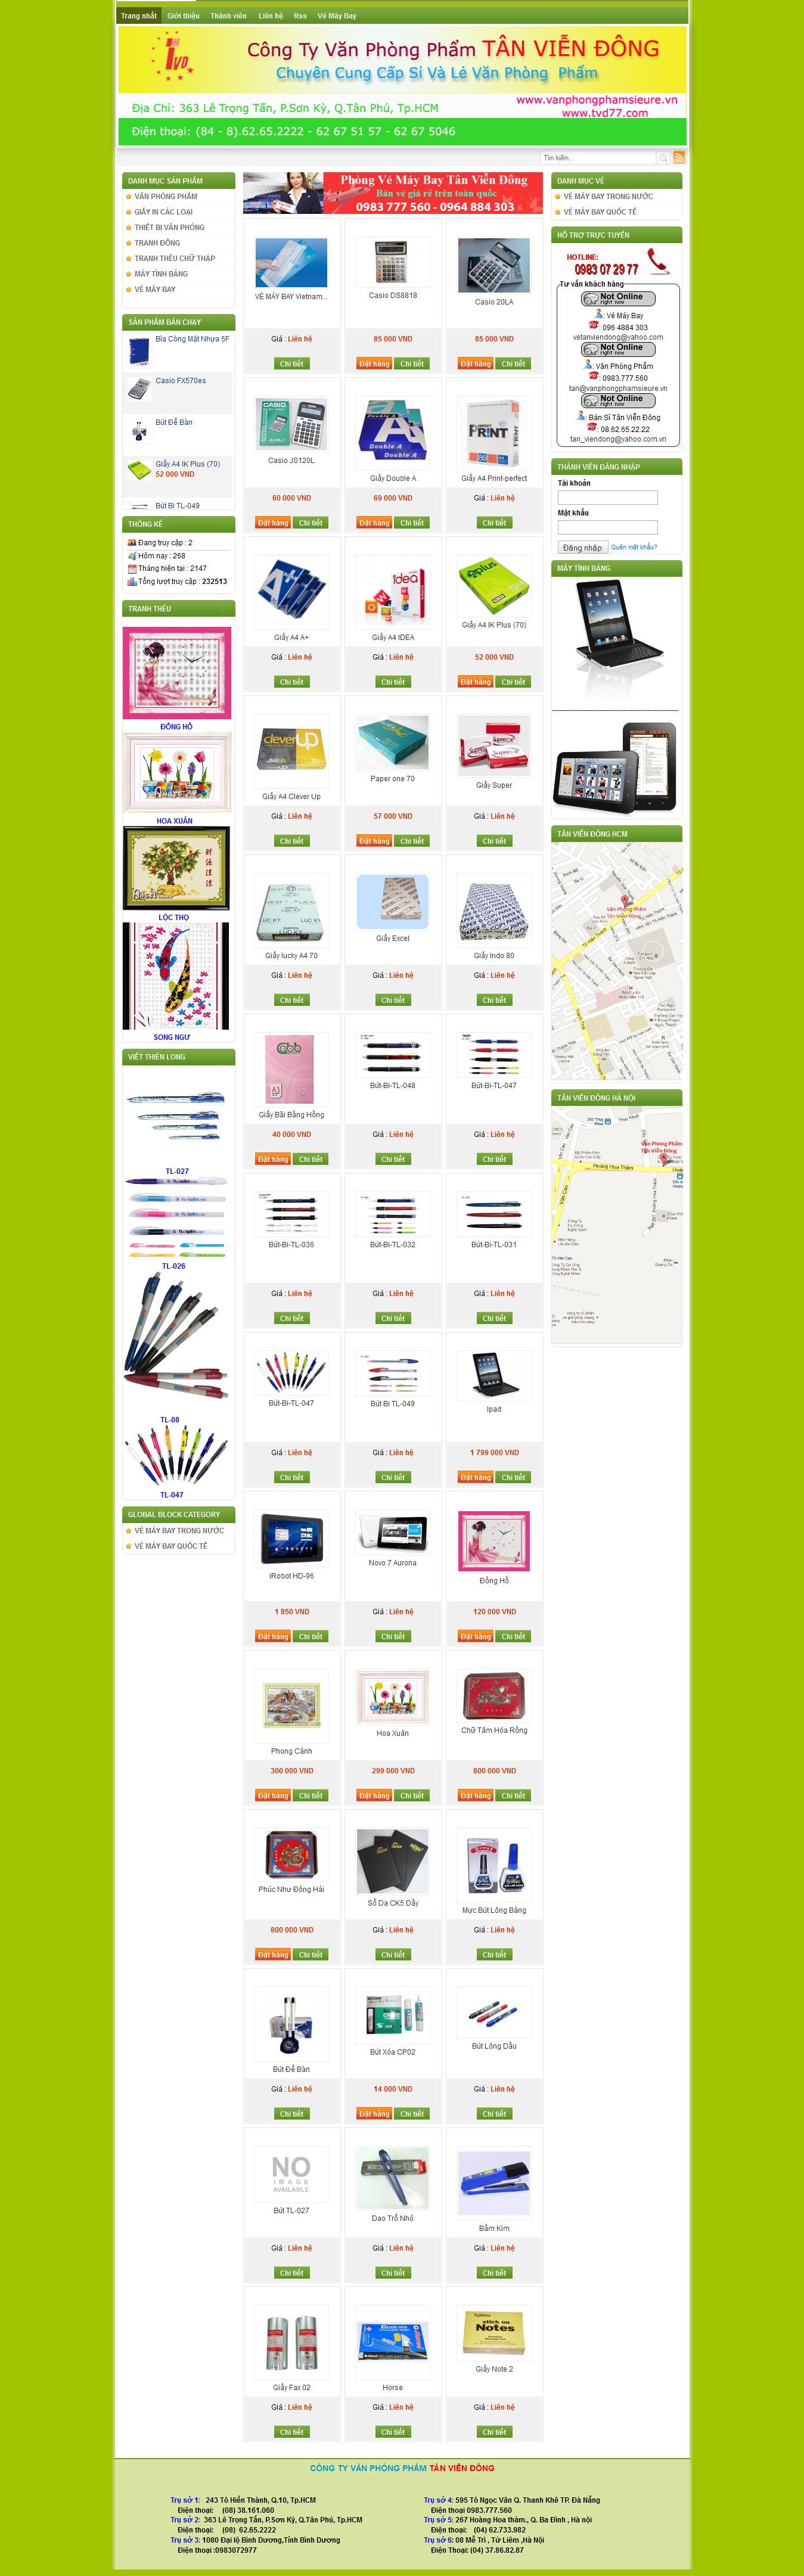 Mẫu website văn phòng phẩm 10488